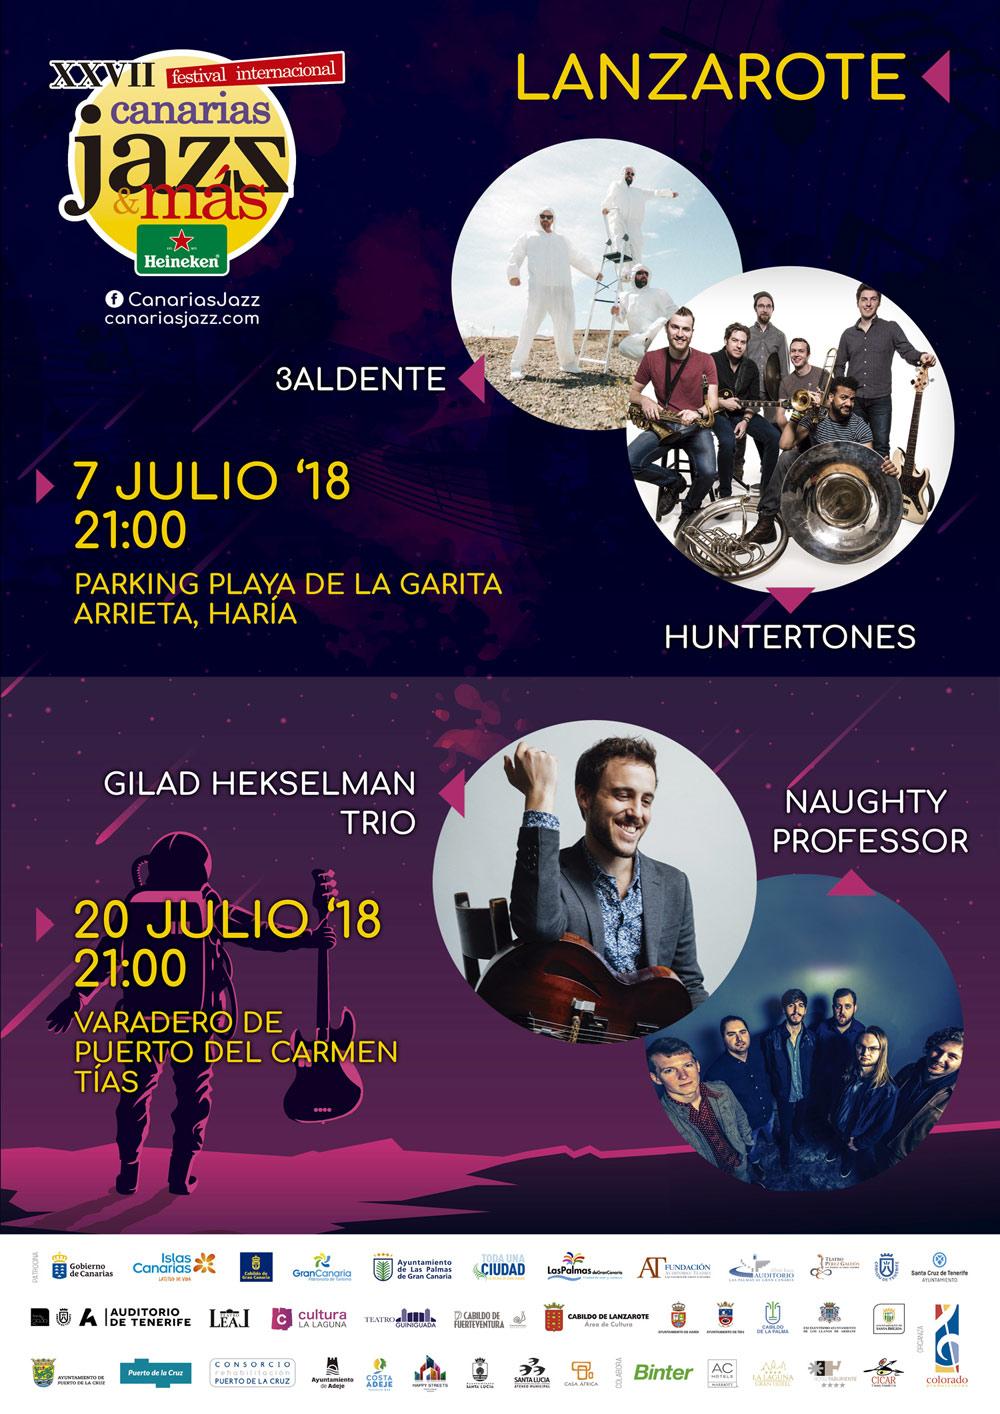 Canarias Jazz & Más Heineken Lanzarote 2018